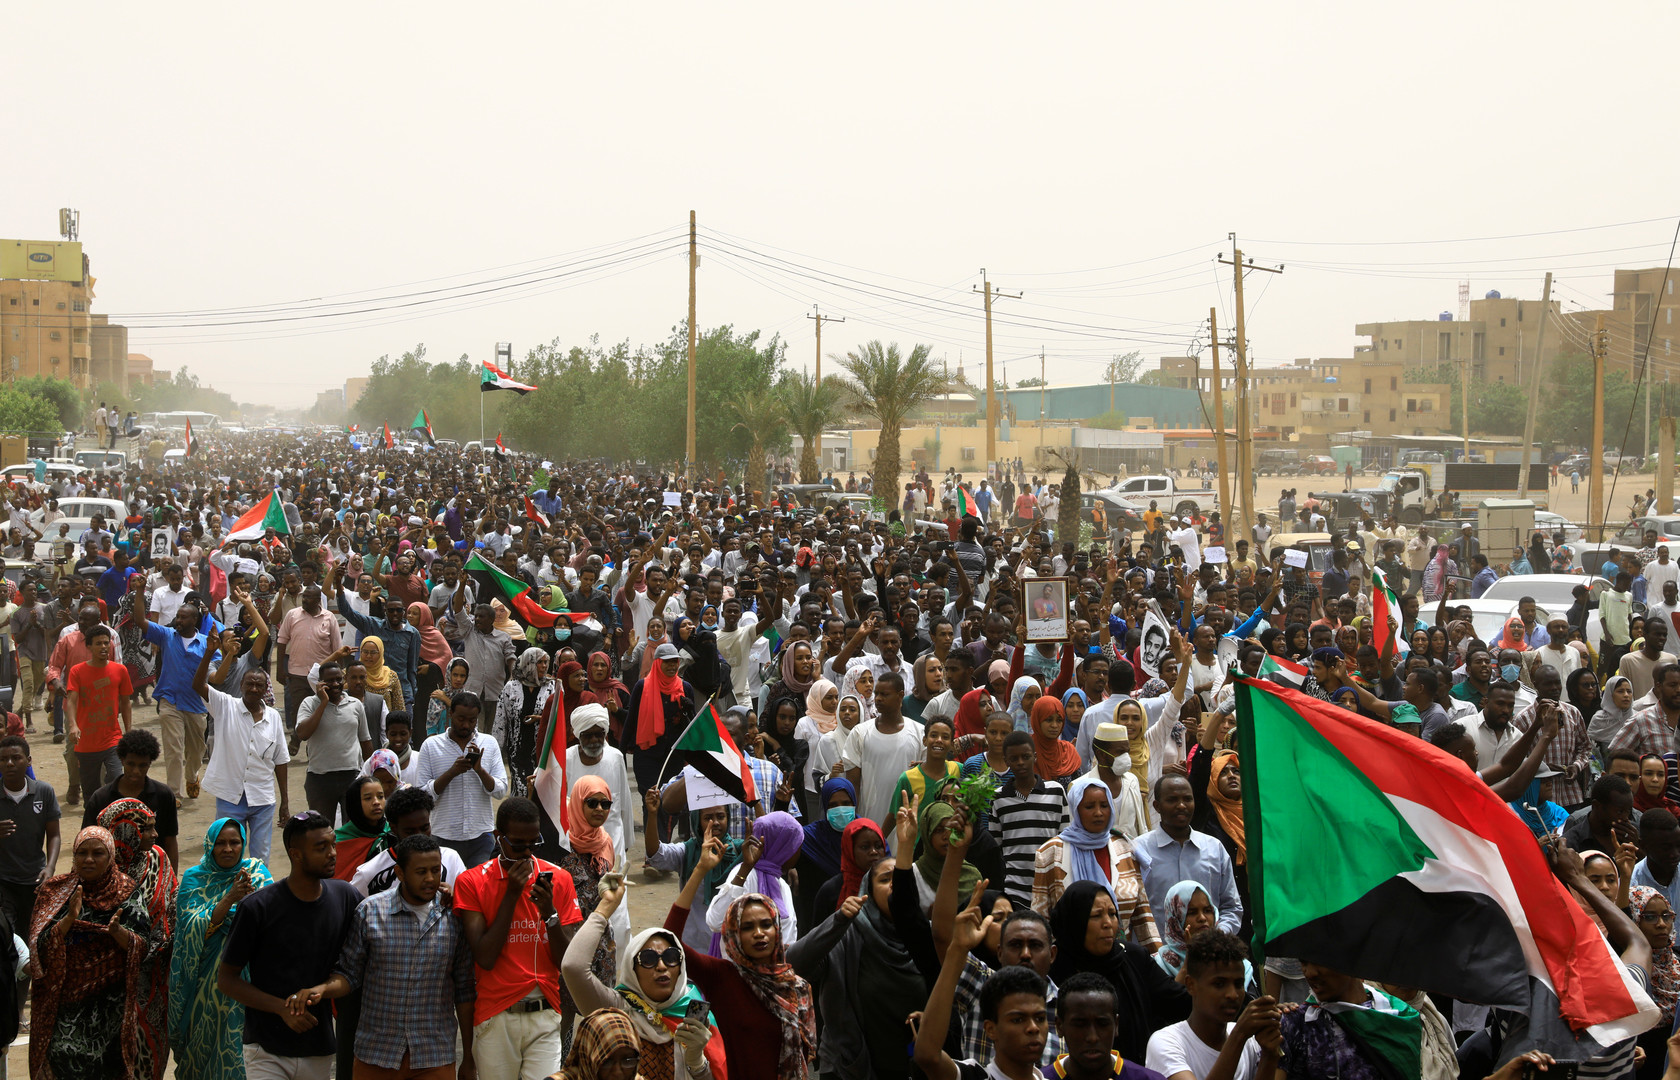 مليونية في السودان للمطالبة بالعدالة والقصاص للقتلى